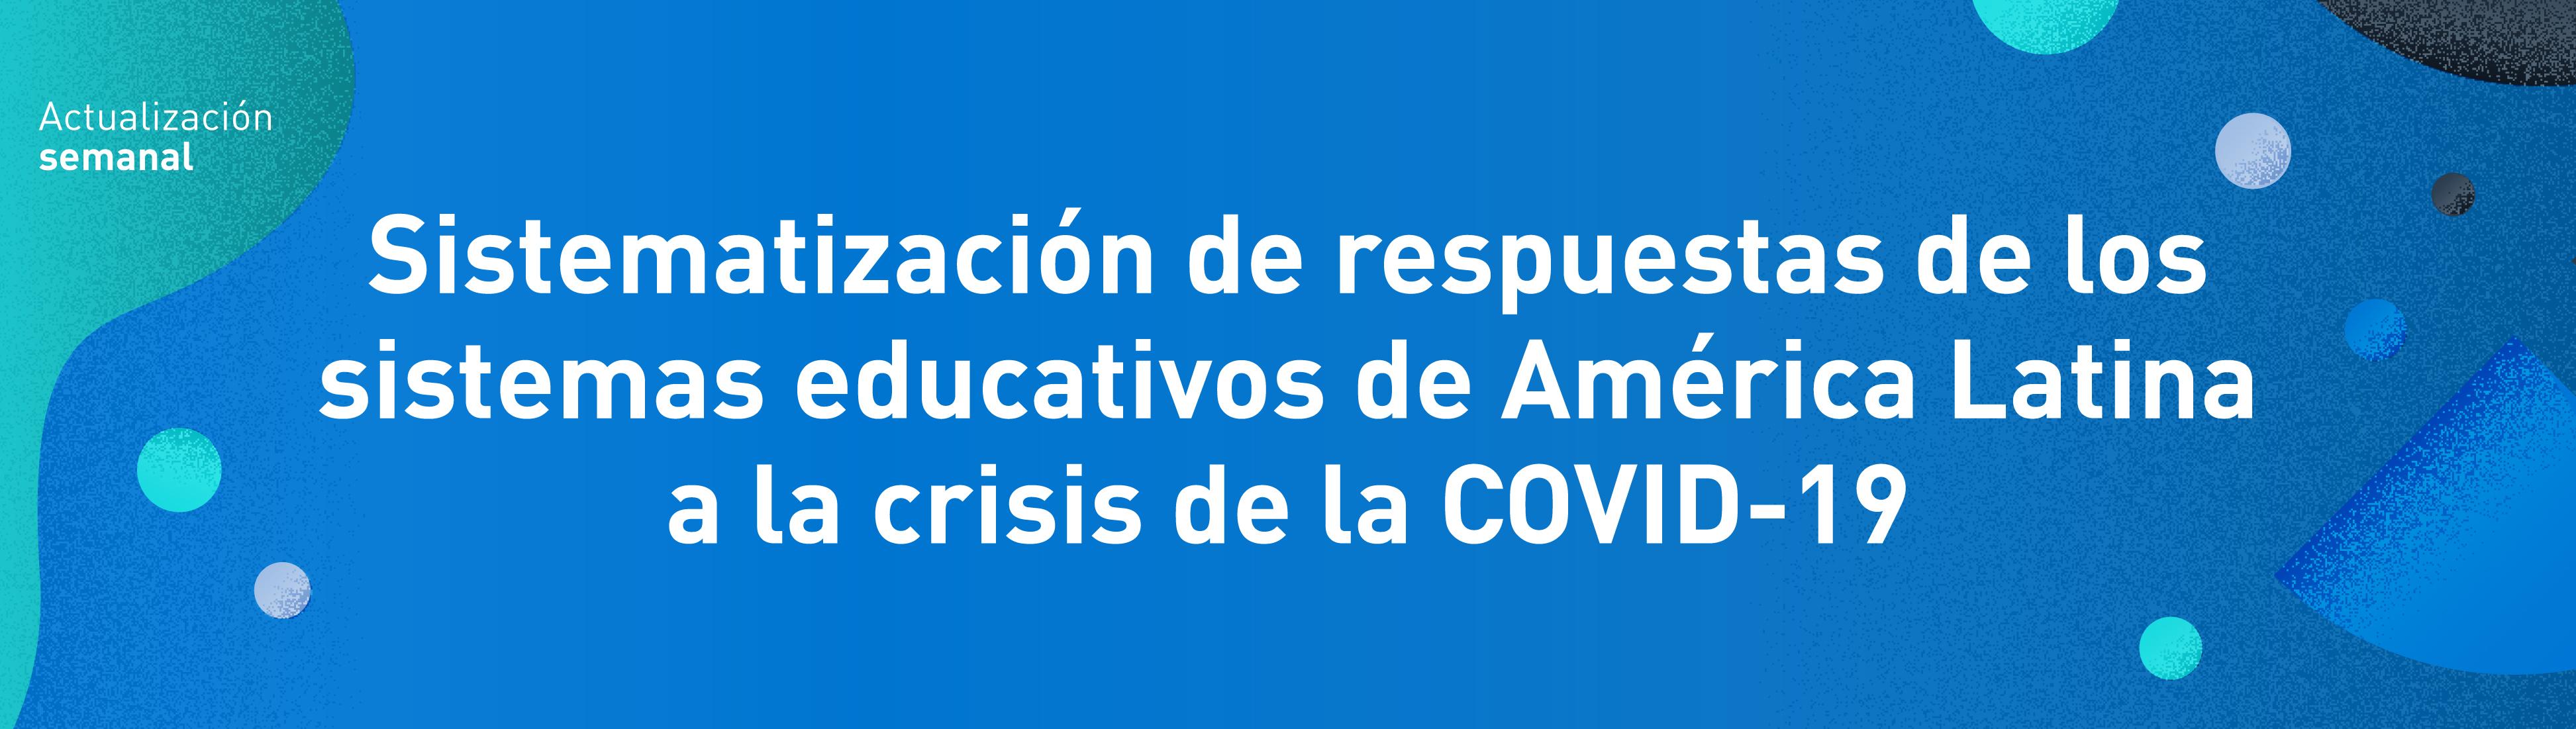 Sistematización de respuestas de los sistemas educativos de América Latina a la crisis de la COVID-19